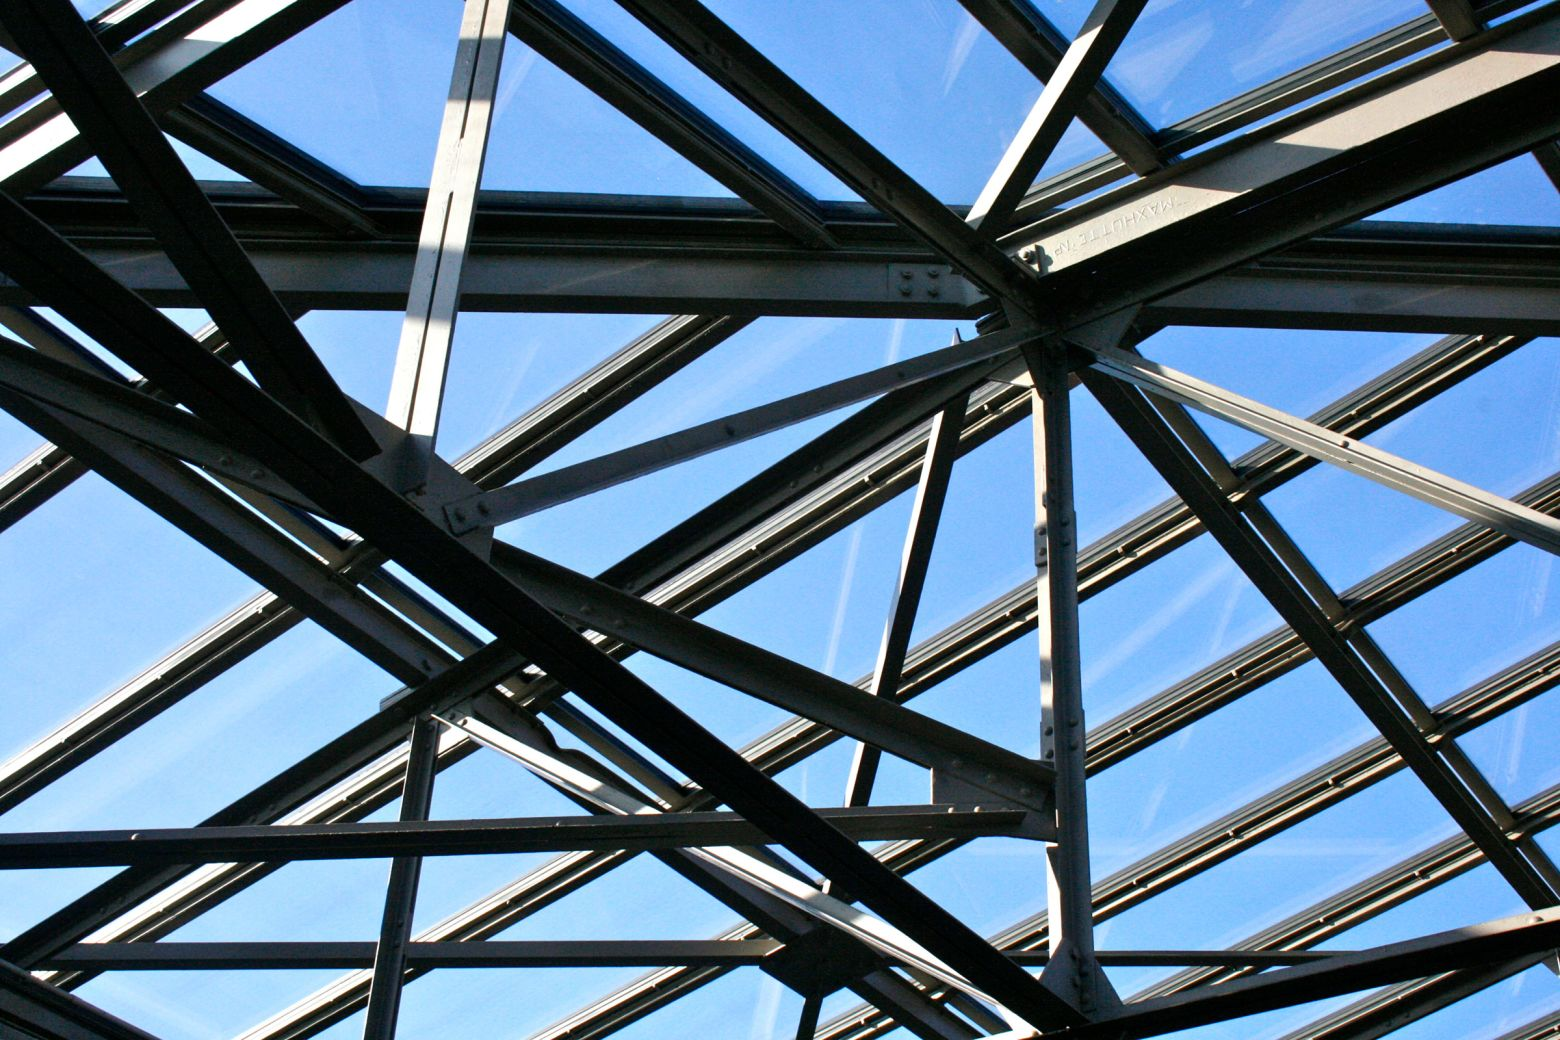 neue Glaskonstruktion auf bestehender Unterkonstruktion